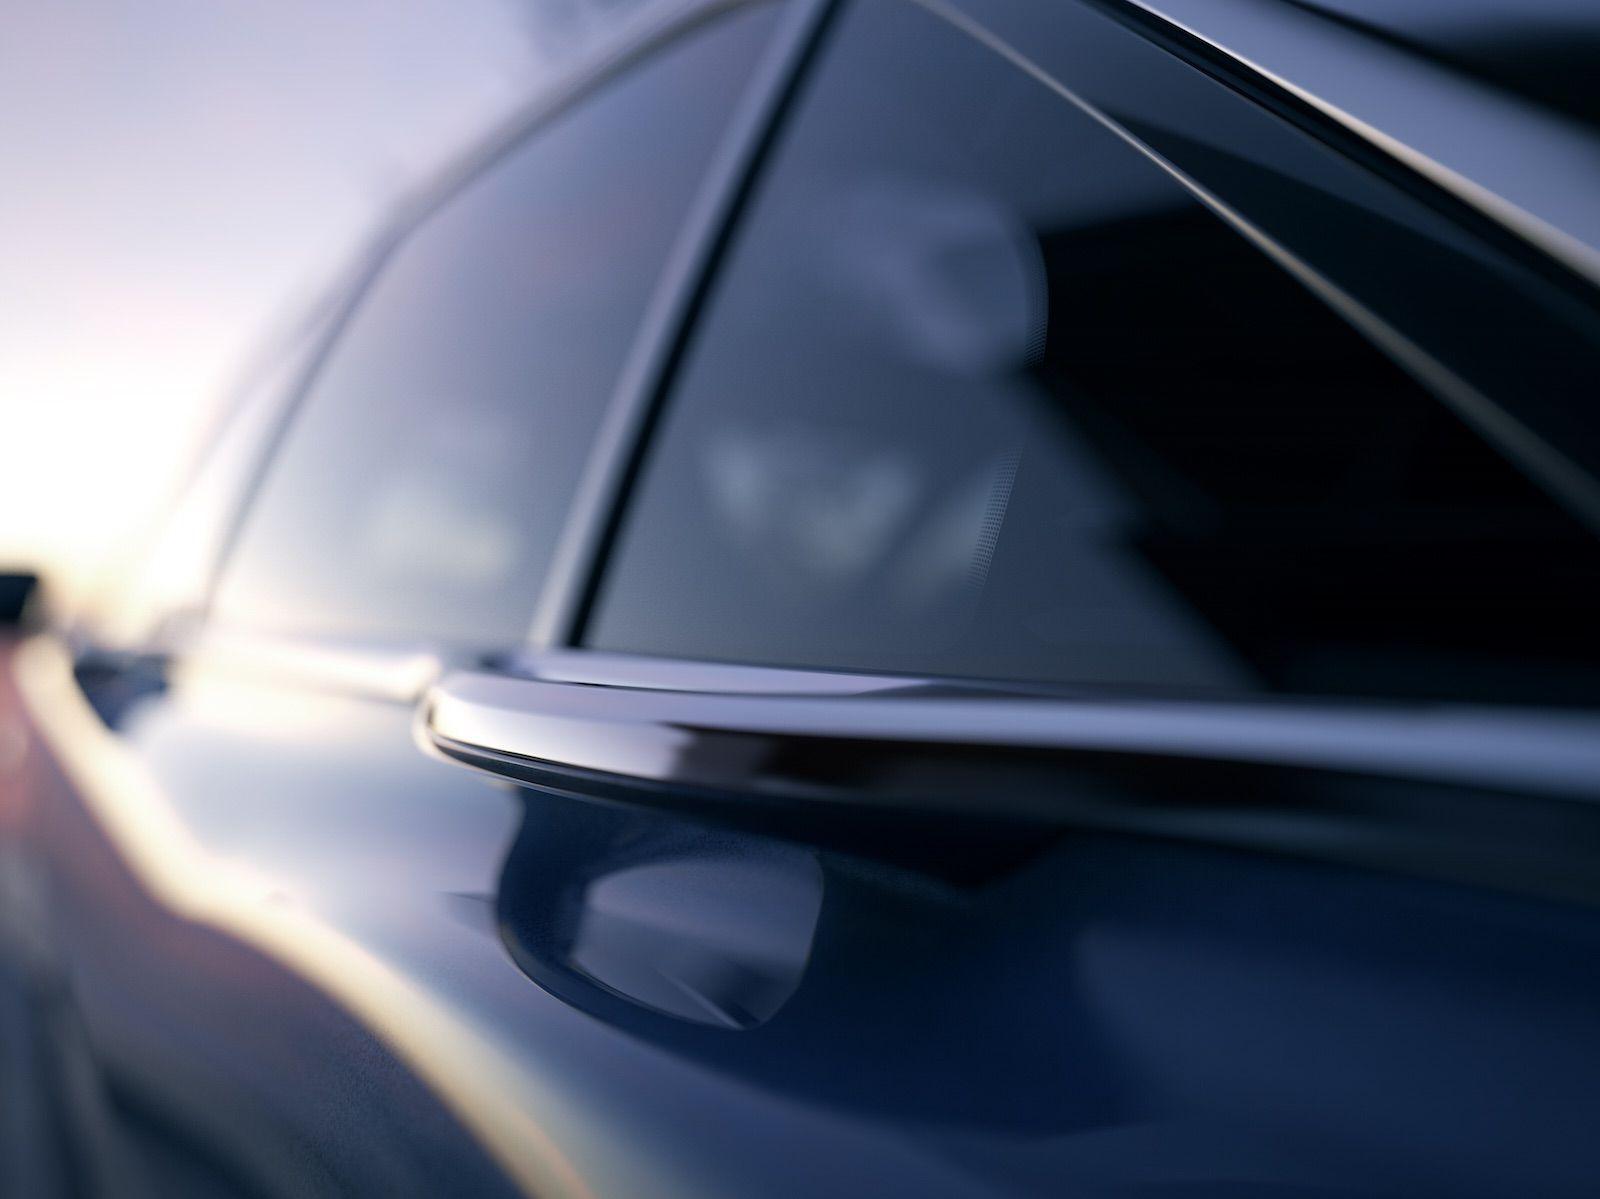 Enter Effortlessly The Positioning Of The E Latch Door Handle Ensures The Continental S Long Flowing Lines Remain Unbroken Howcon Door Handles Car Car Door